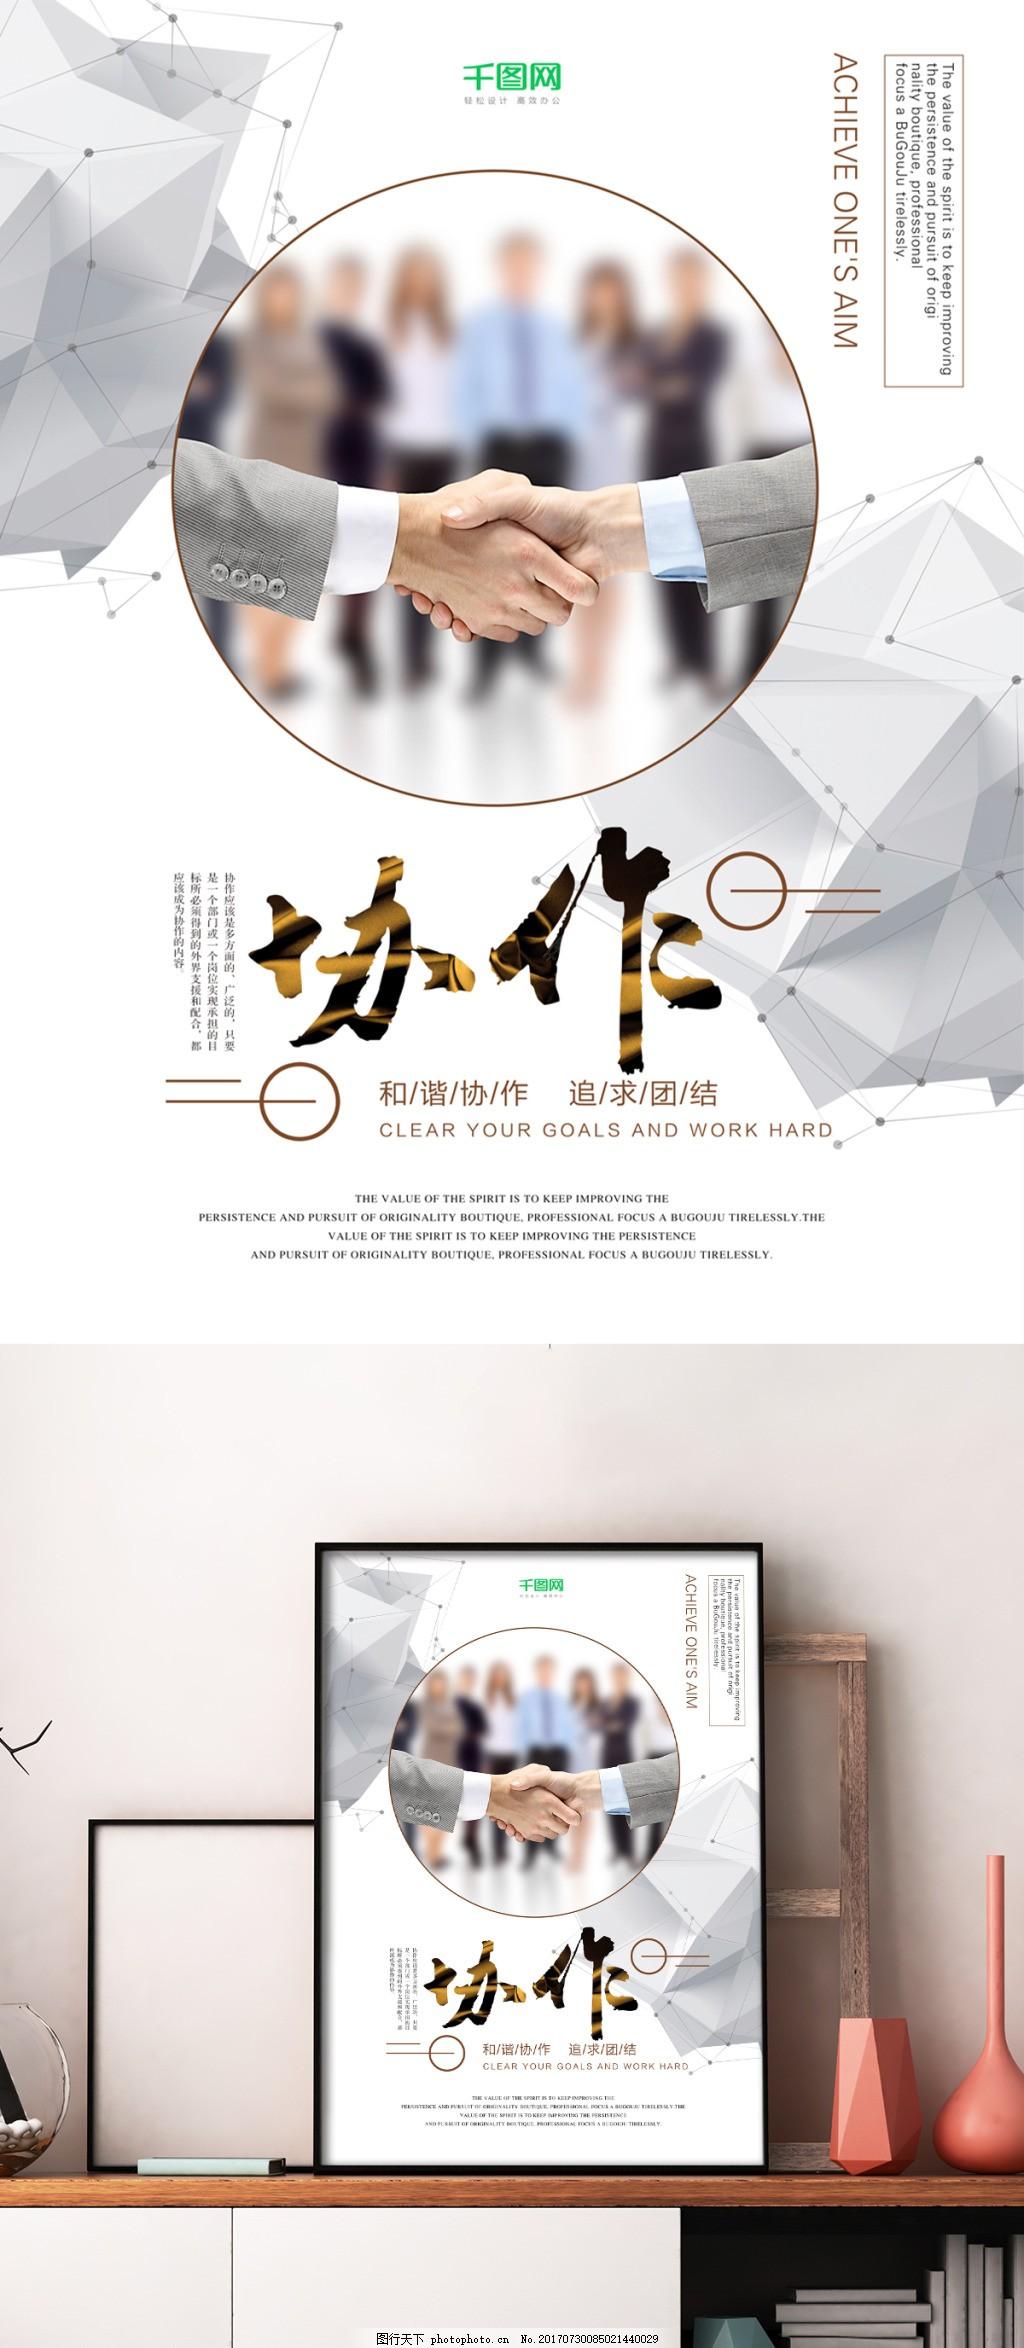 企业文化海报企业文化展板协作